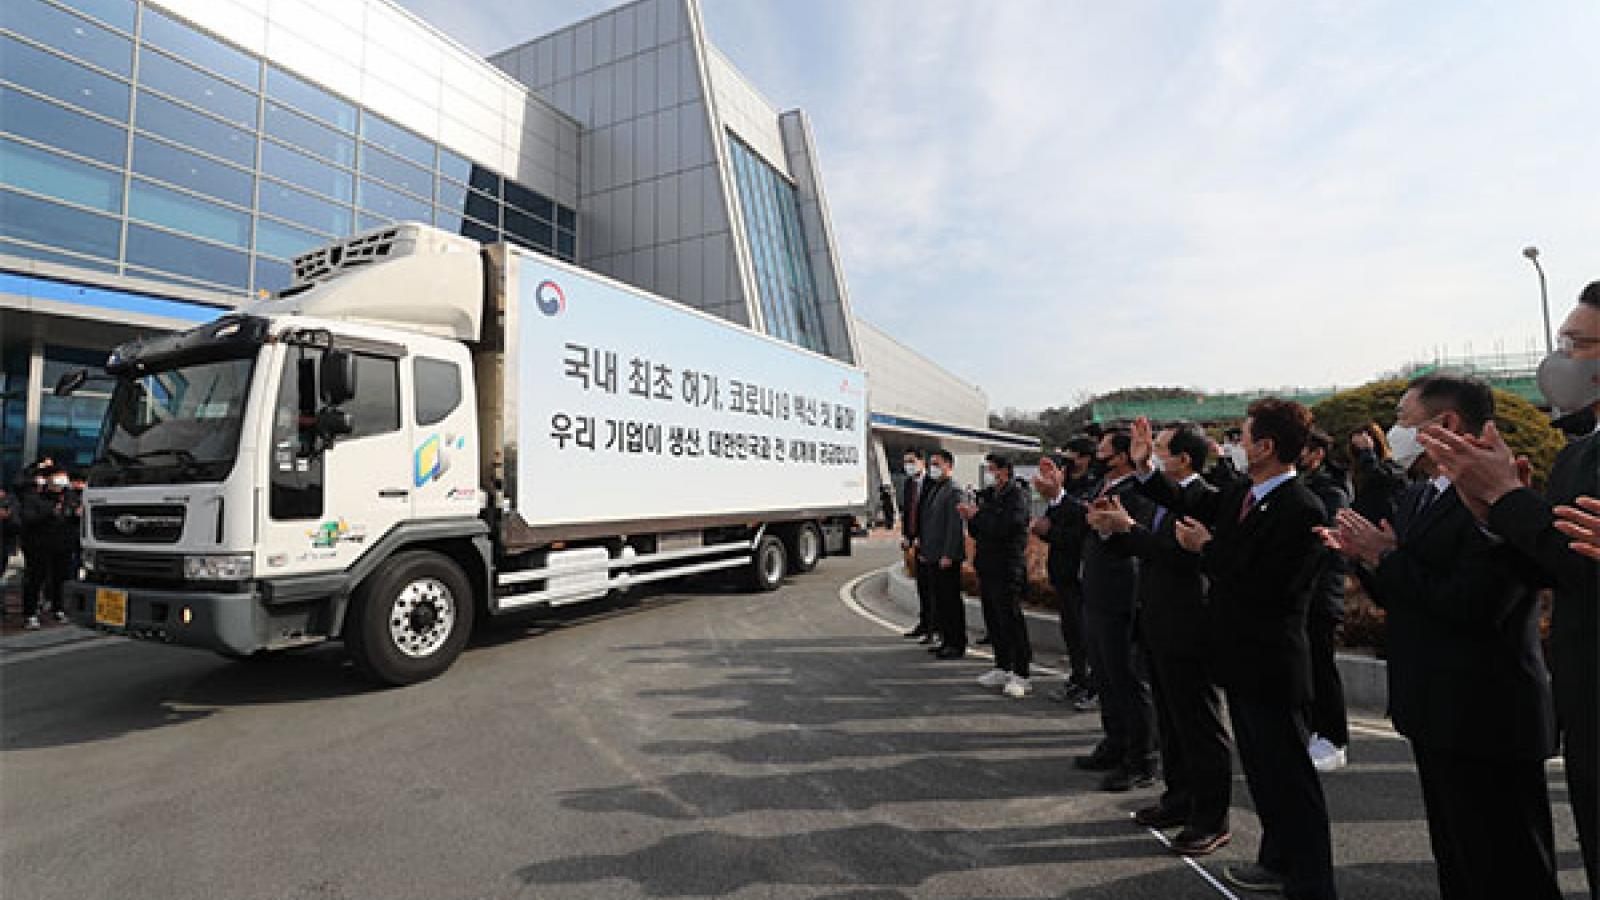 Lô vaccine Covid-19 đầu tiên của AstraZeneca tại Hàn Quốc được xuất xưởng